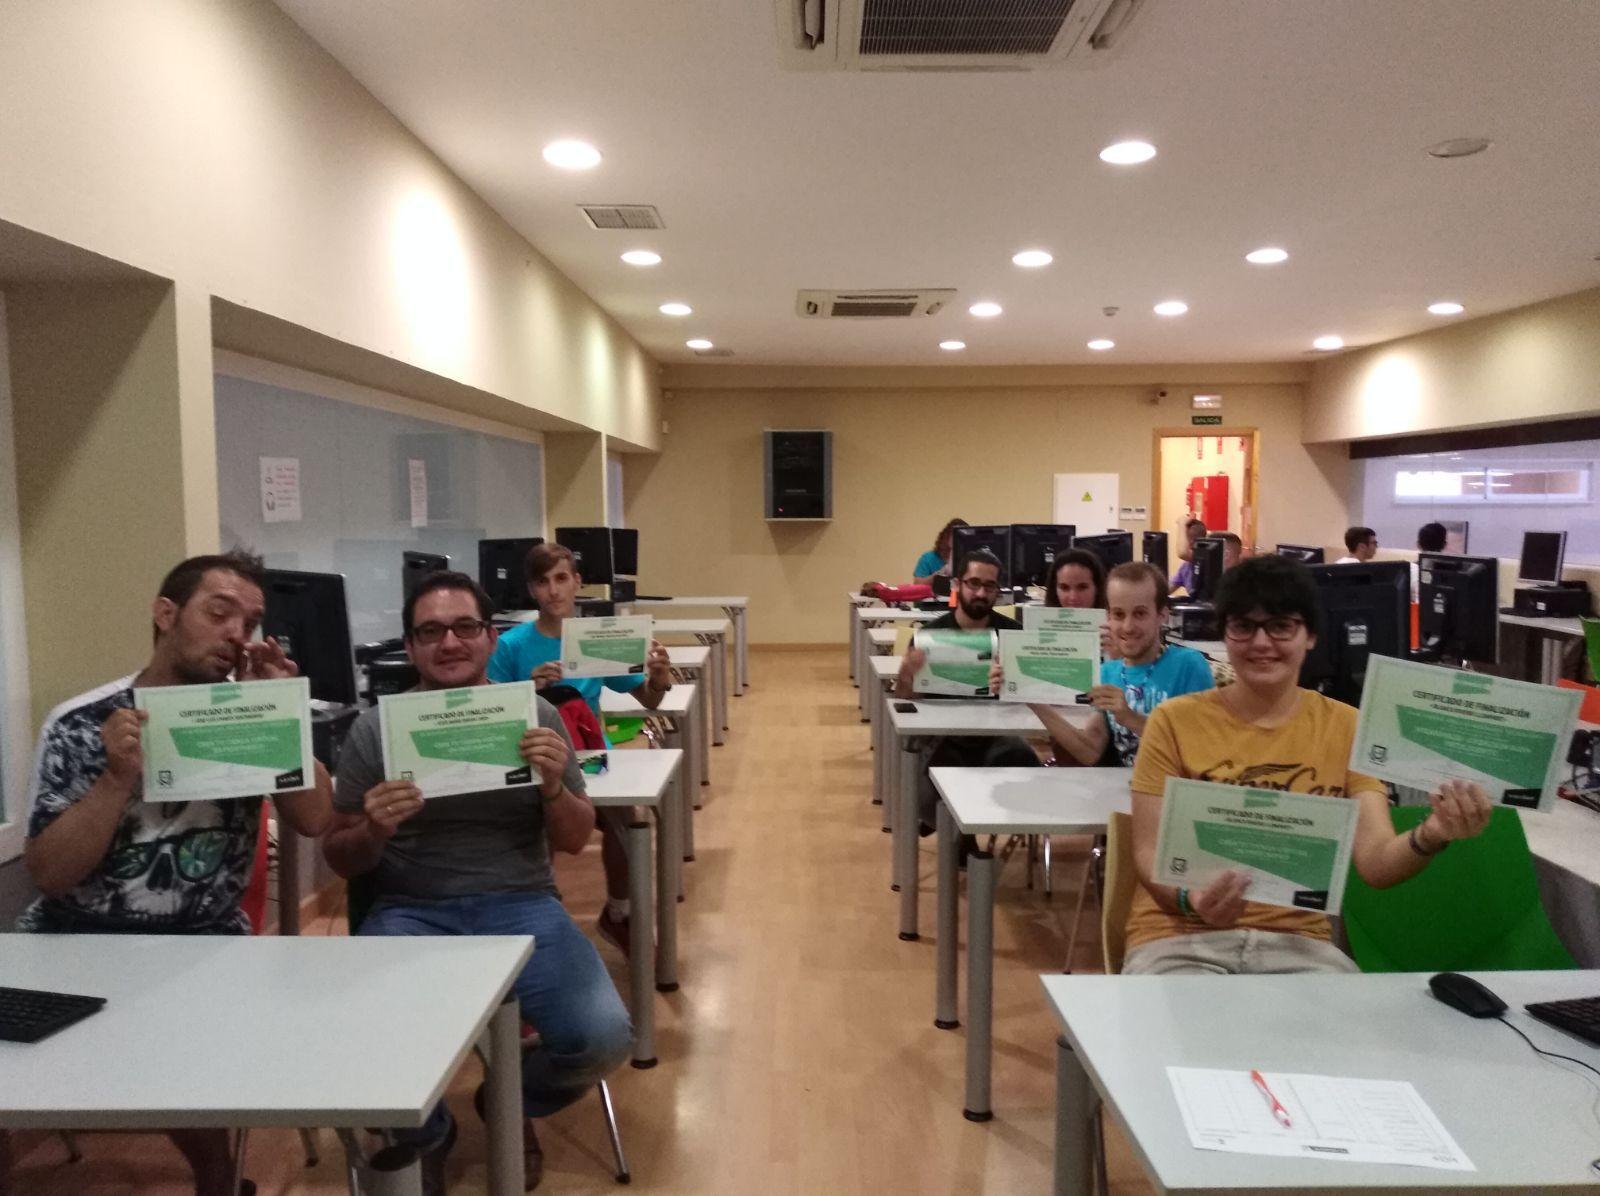 Alumnos de uno de los cursos tecnológicos muestran sus diplomas